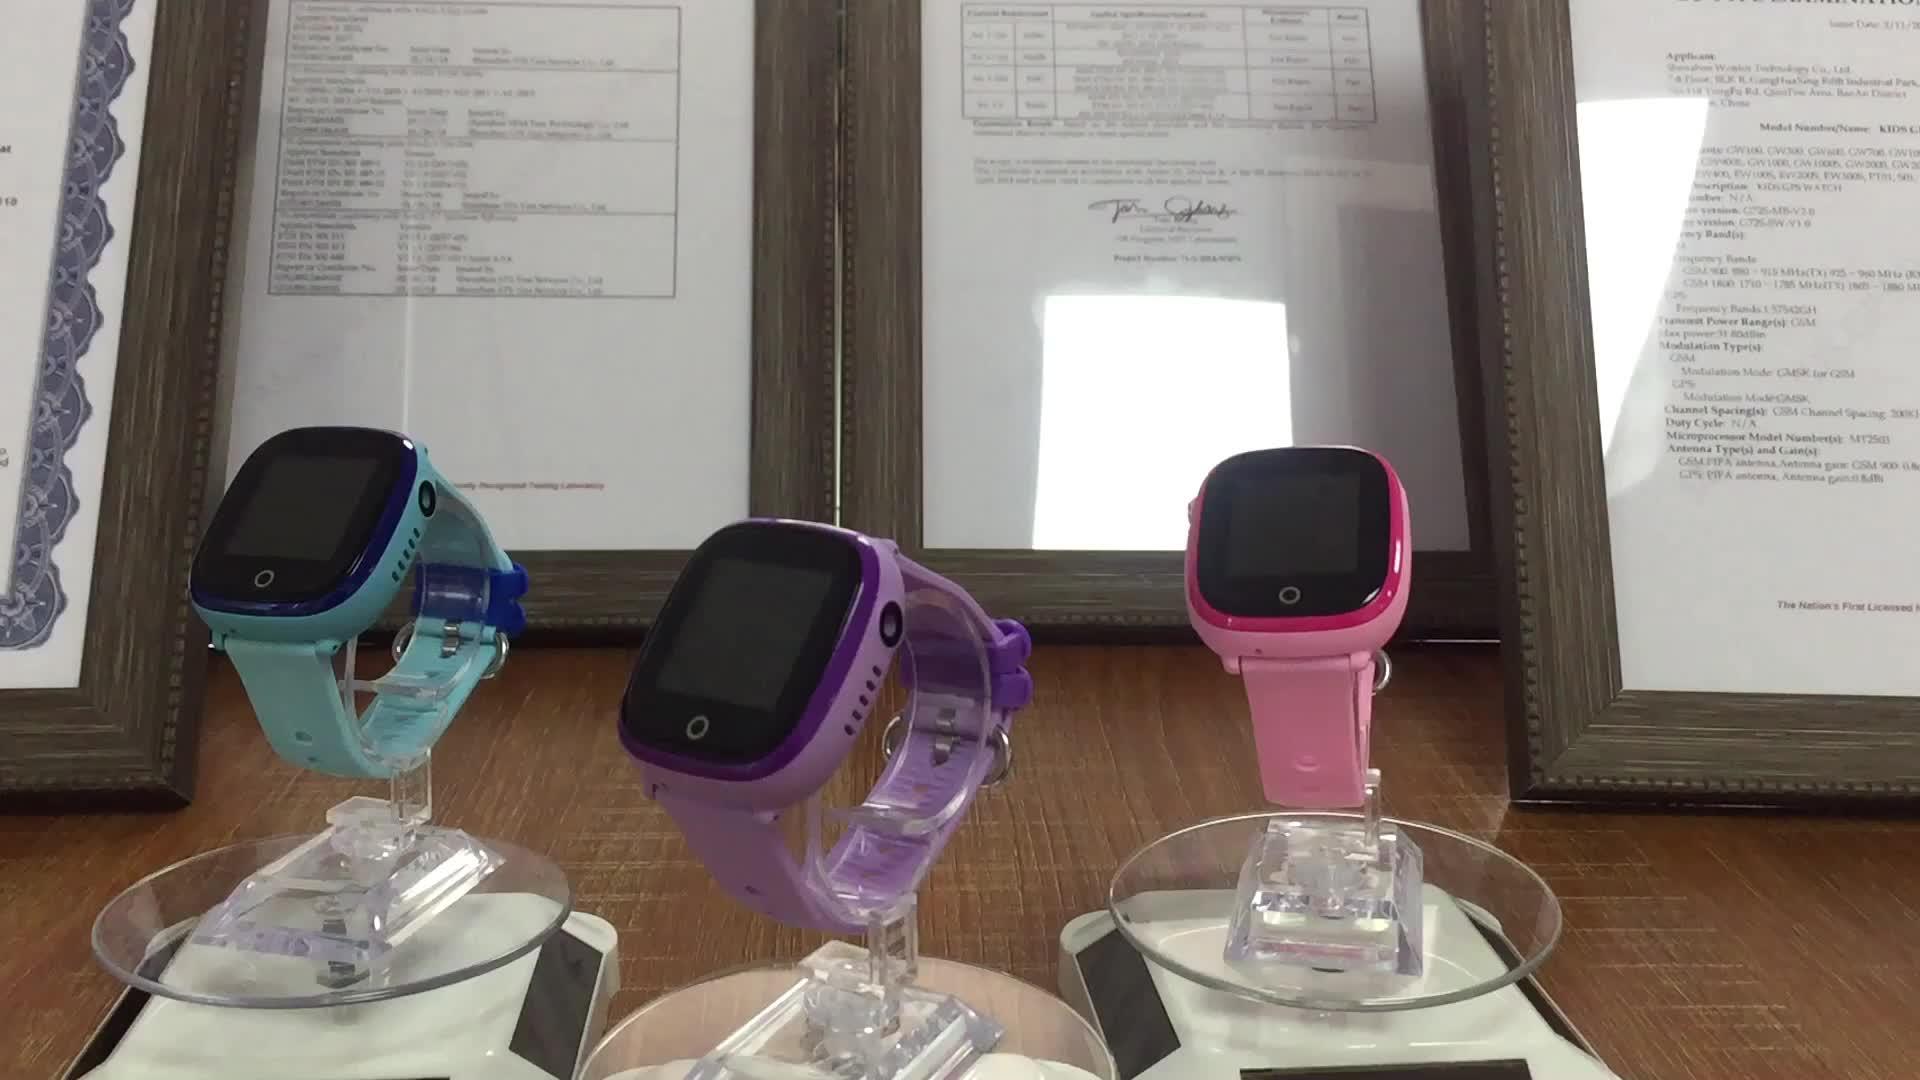 2019 Mới Nhất Wonlex thông minh đồng hồ điện thoại trẻ em không thấm nước gps theo dõi đồng hồ với ip67